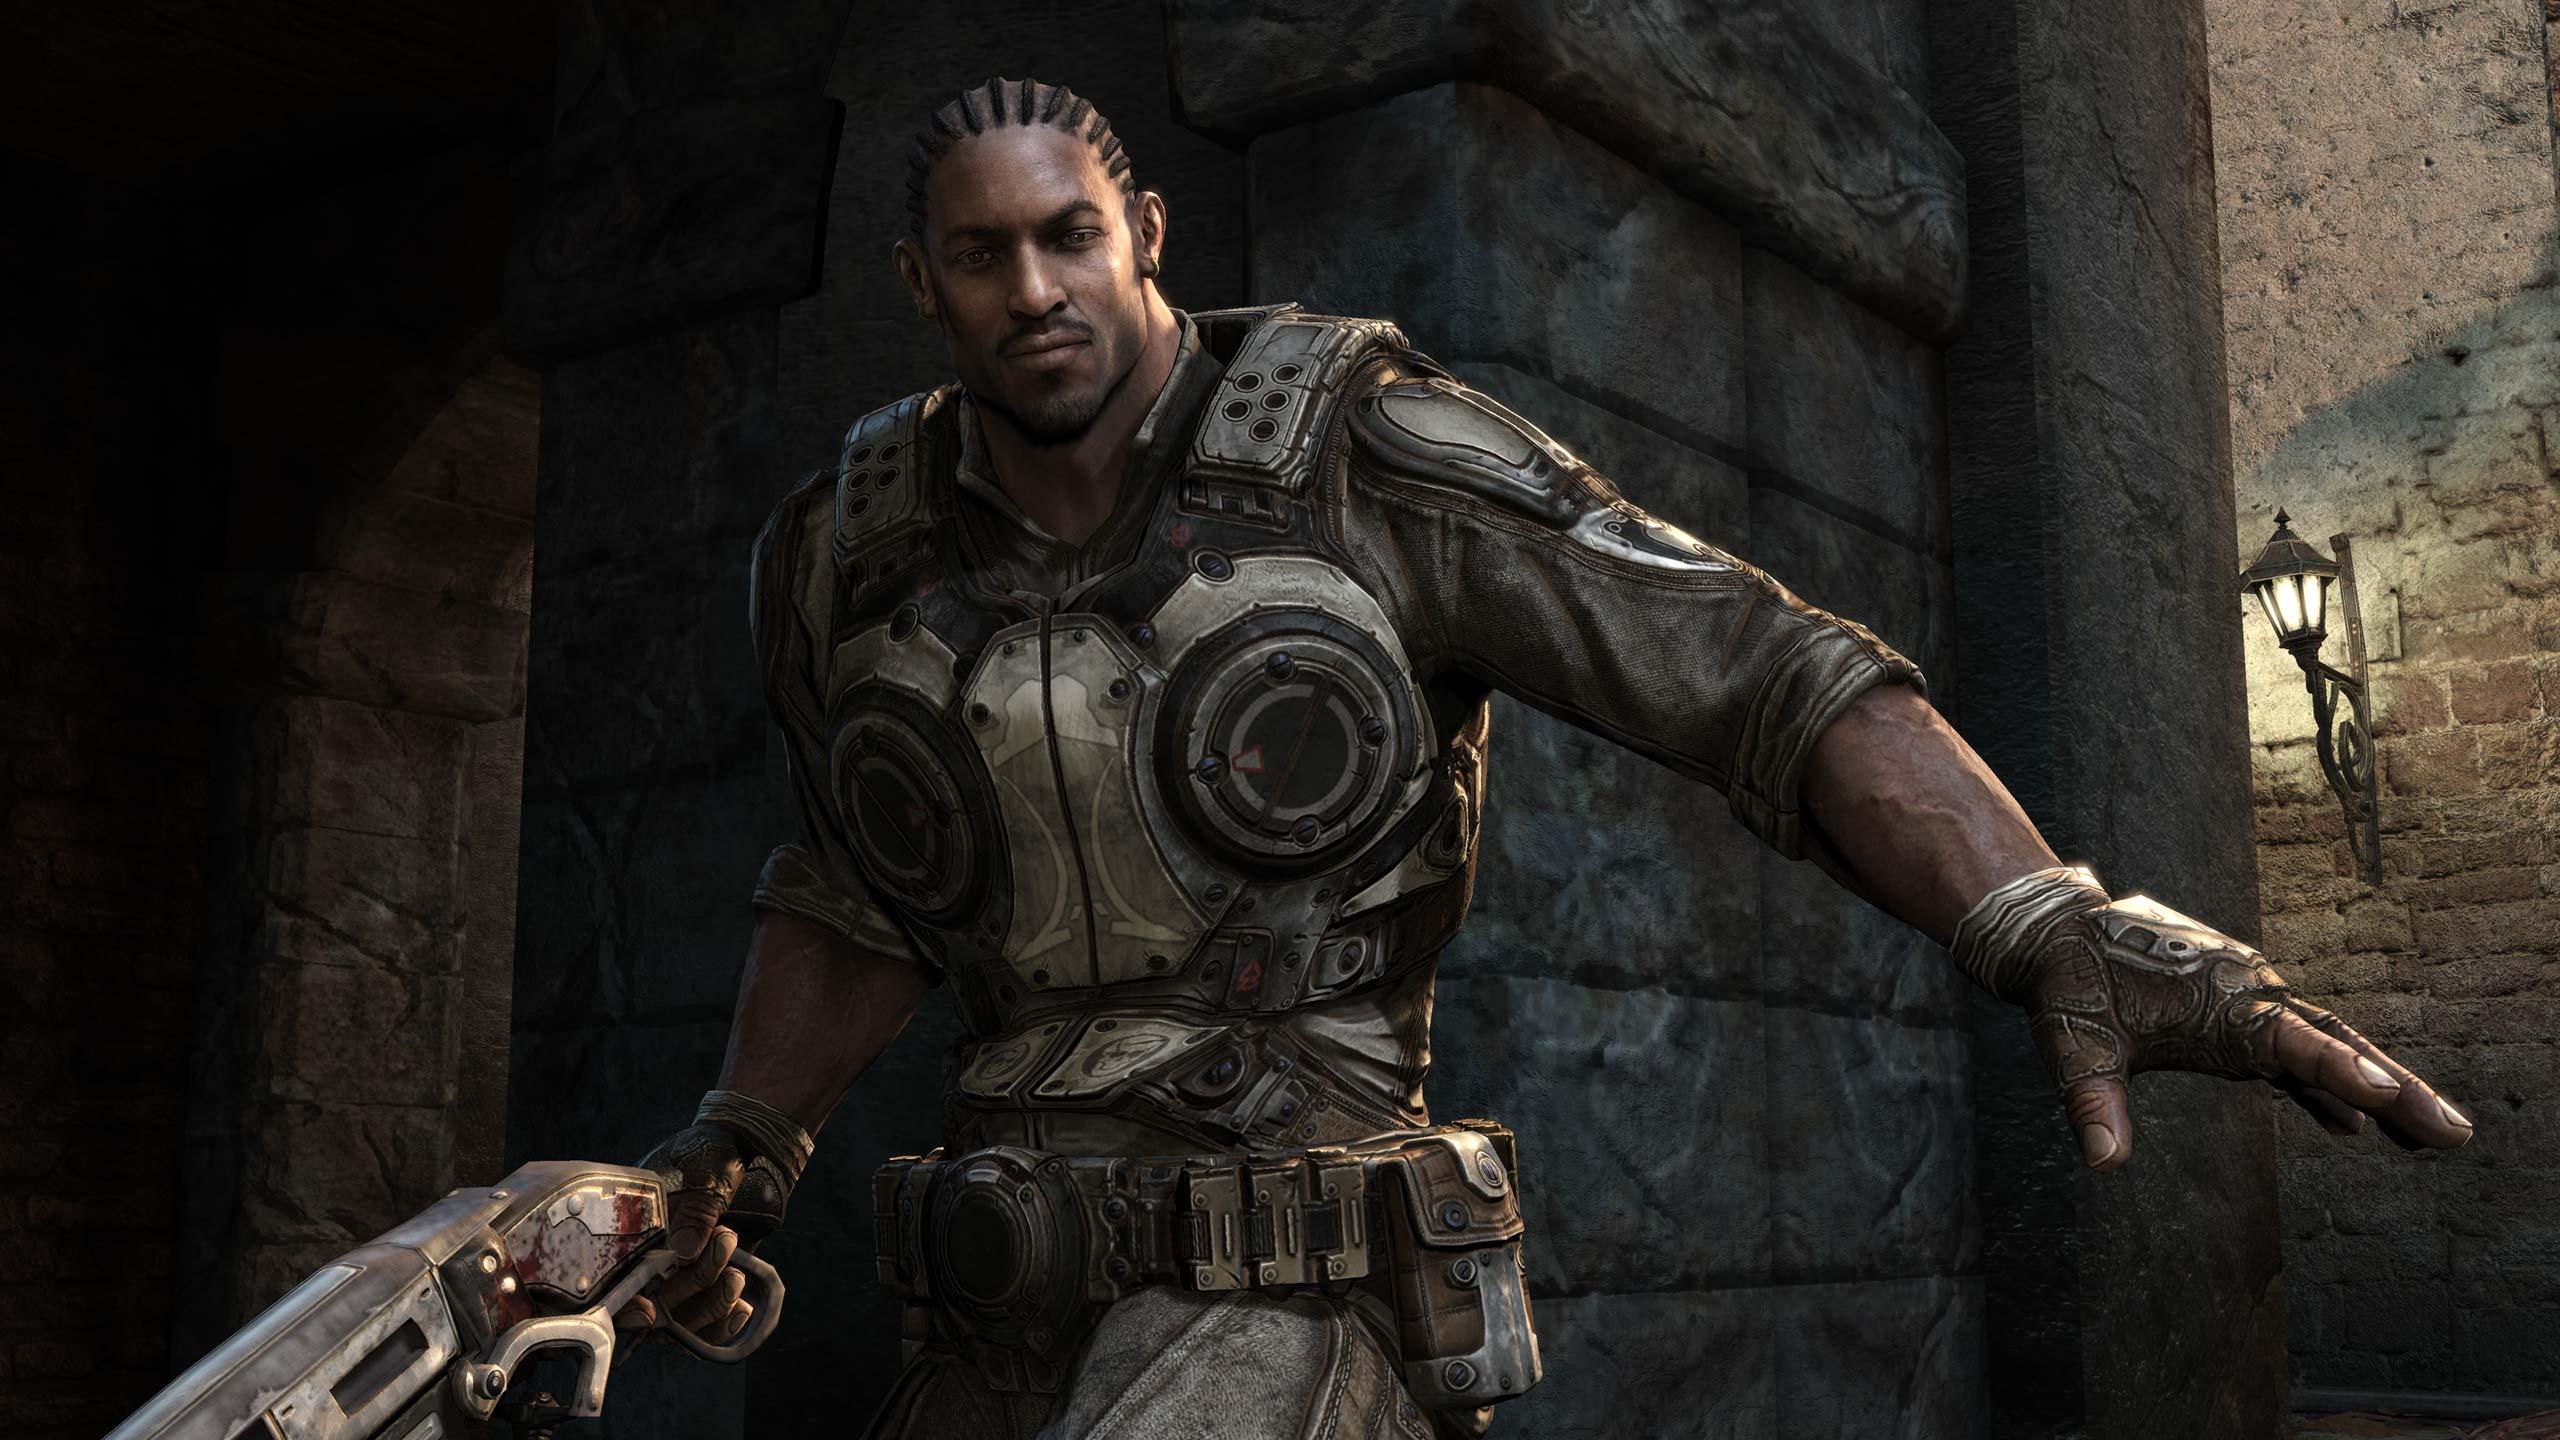 Gears of Wars 3 Jace